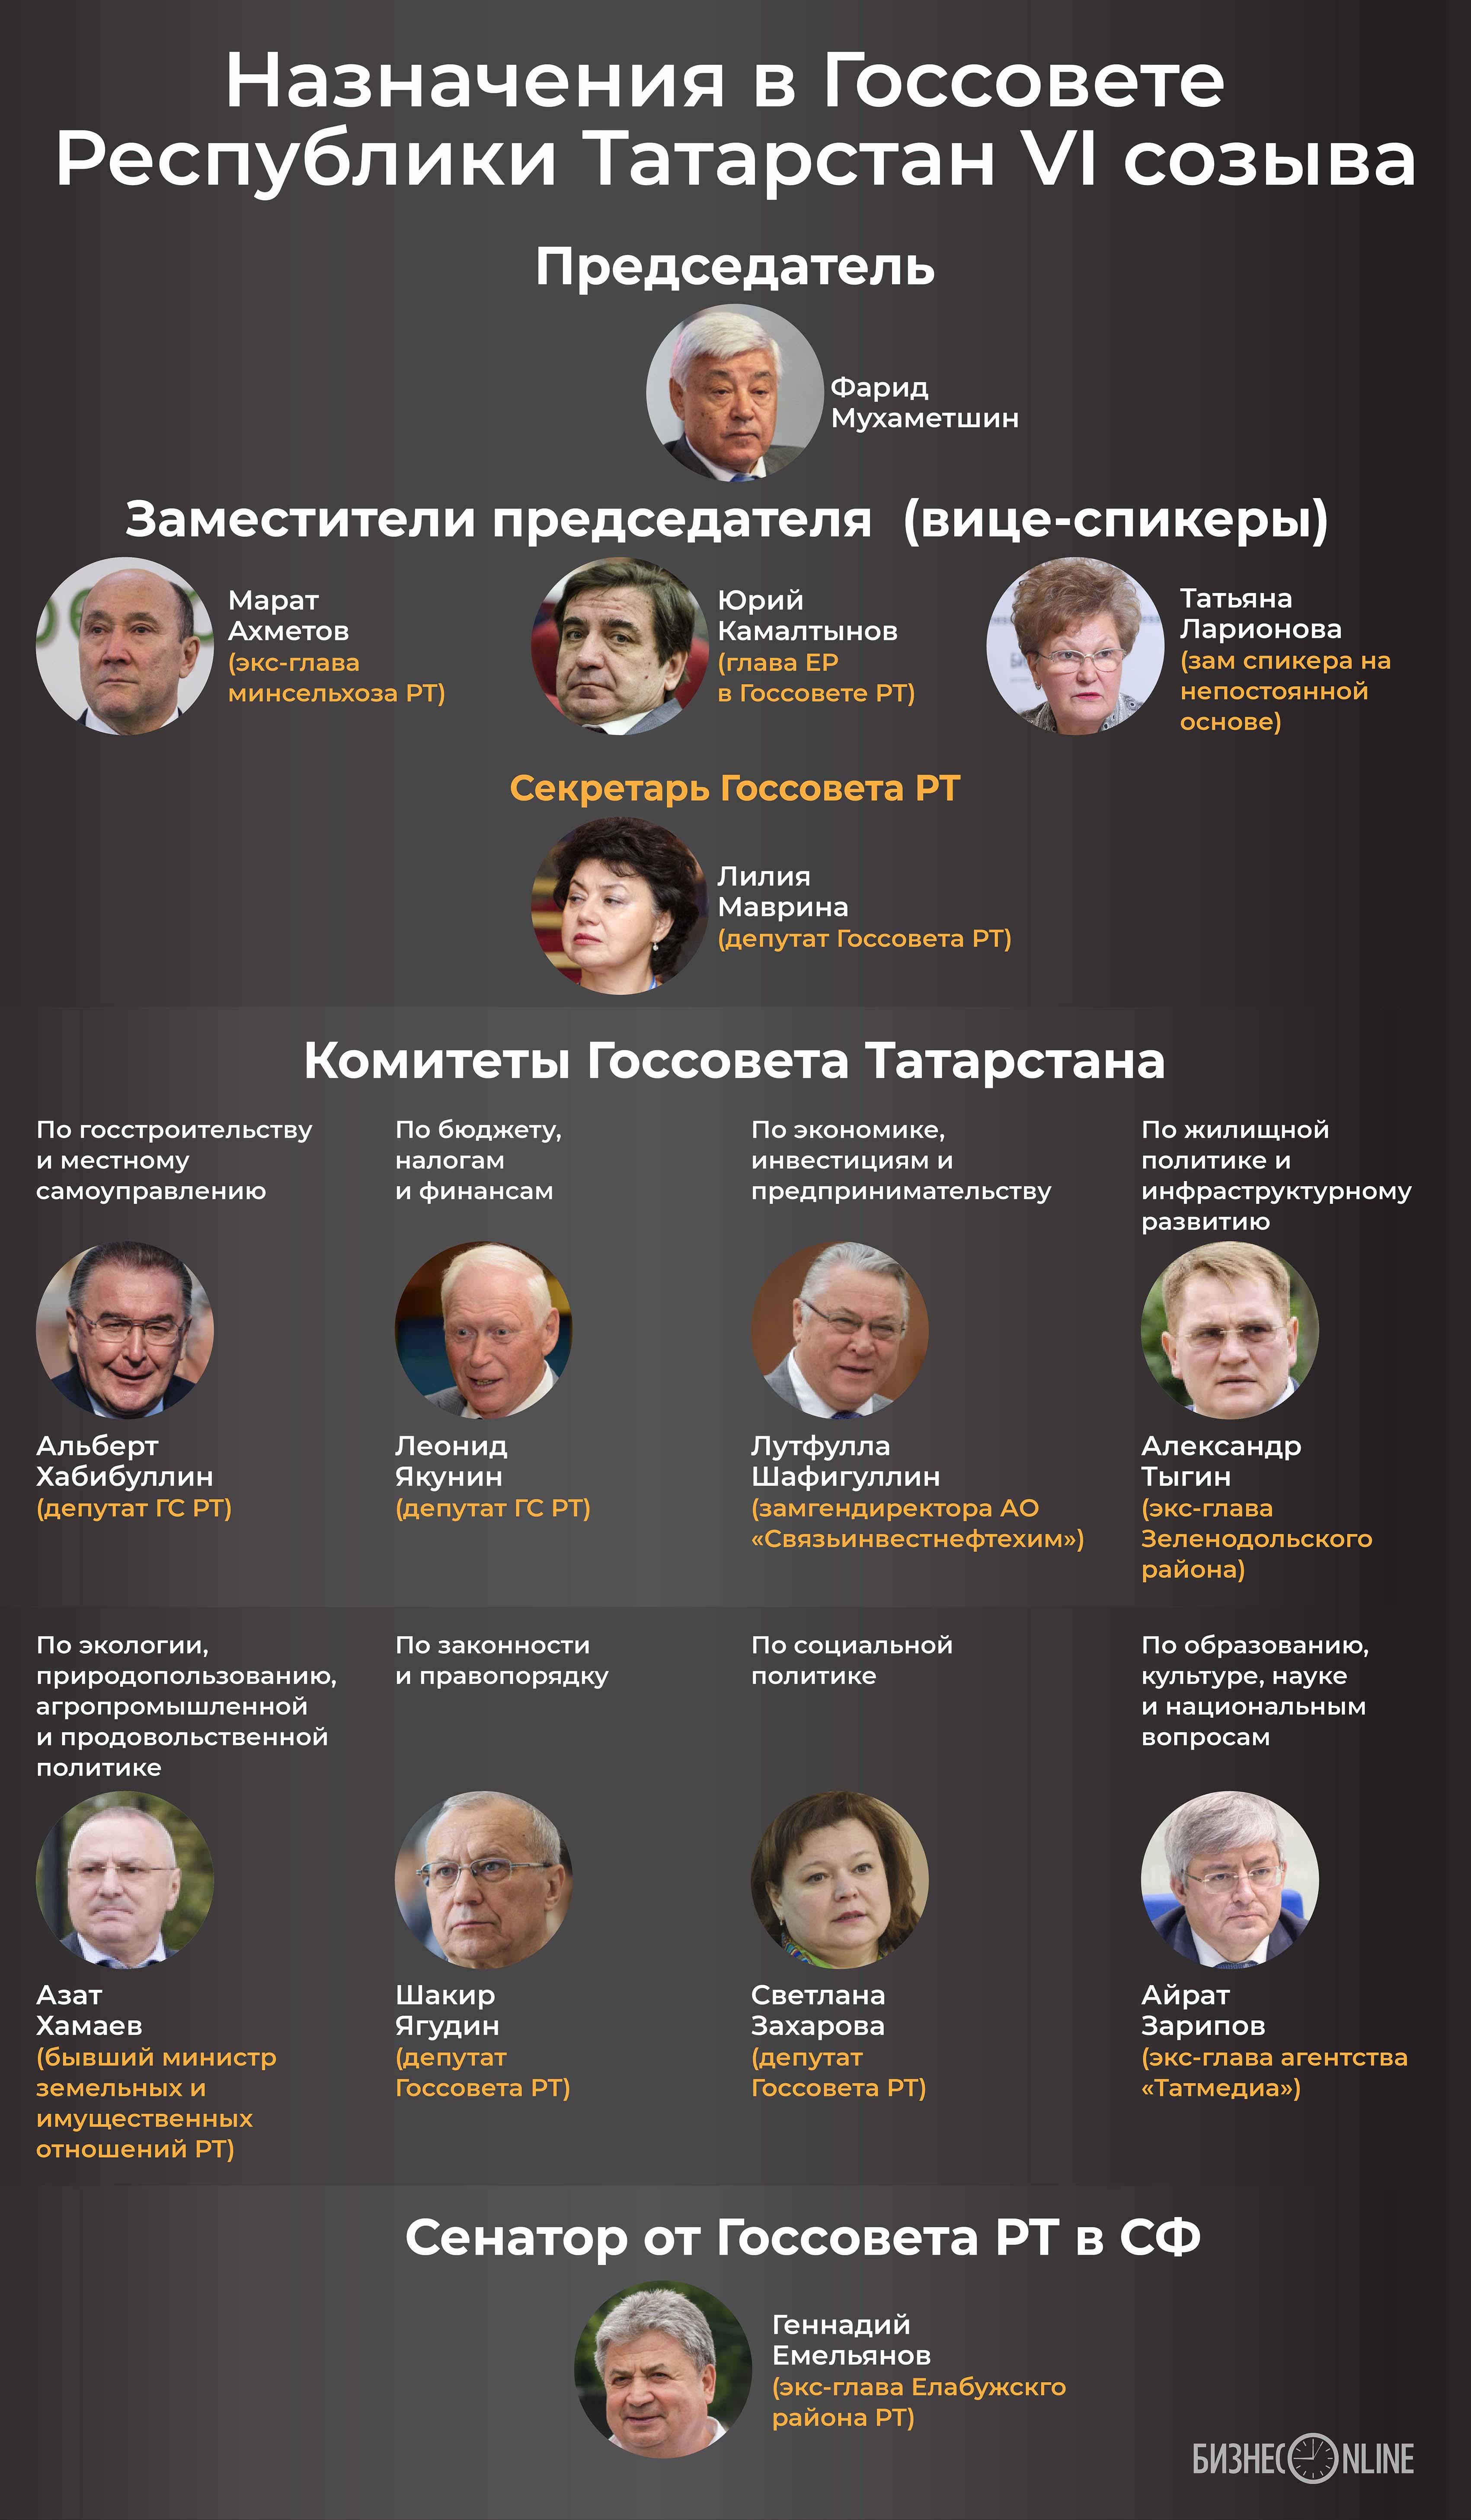 Назначения в Госсовете РТ VI созыва в одной картинке